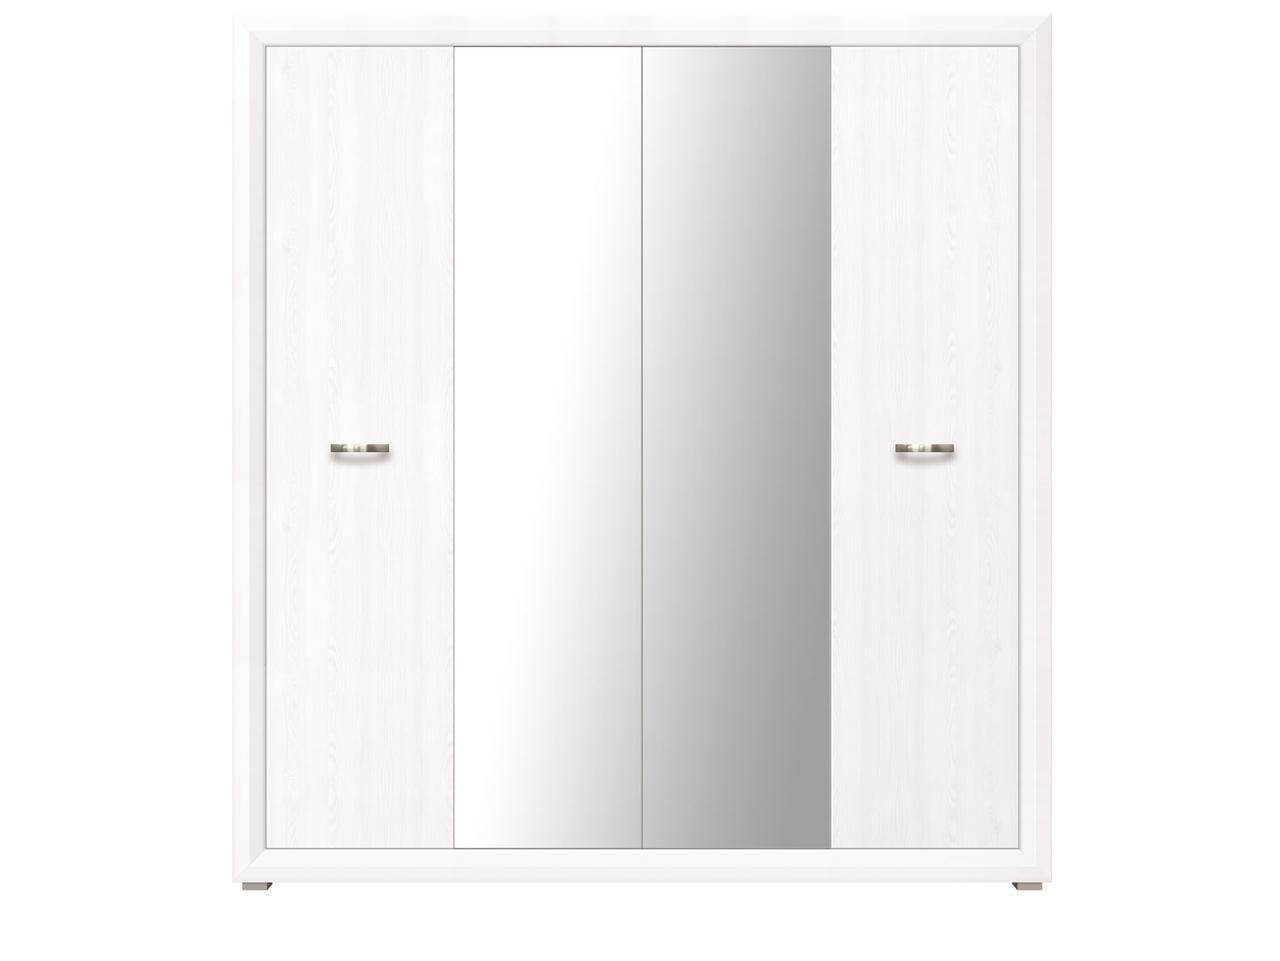 Шкаф для одежды 4Д , коллекции Мальта, Лиственница сибирская, БРВ Брест (Беларусь)